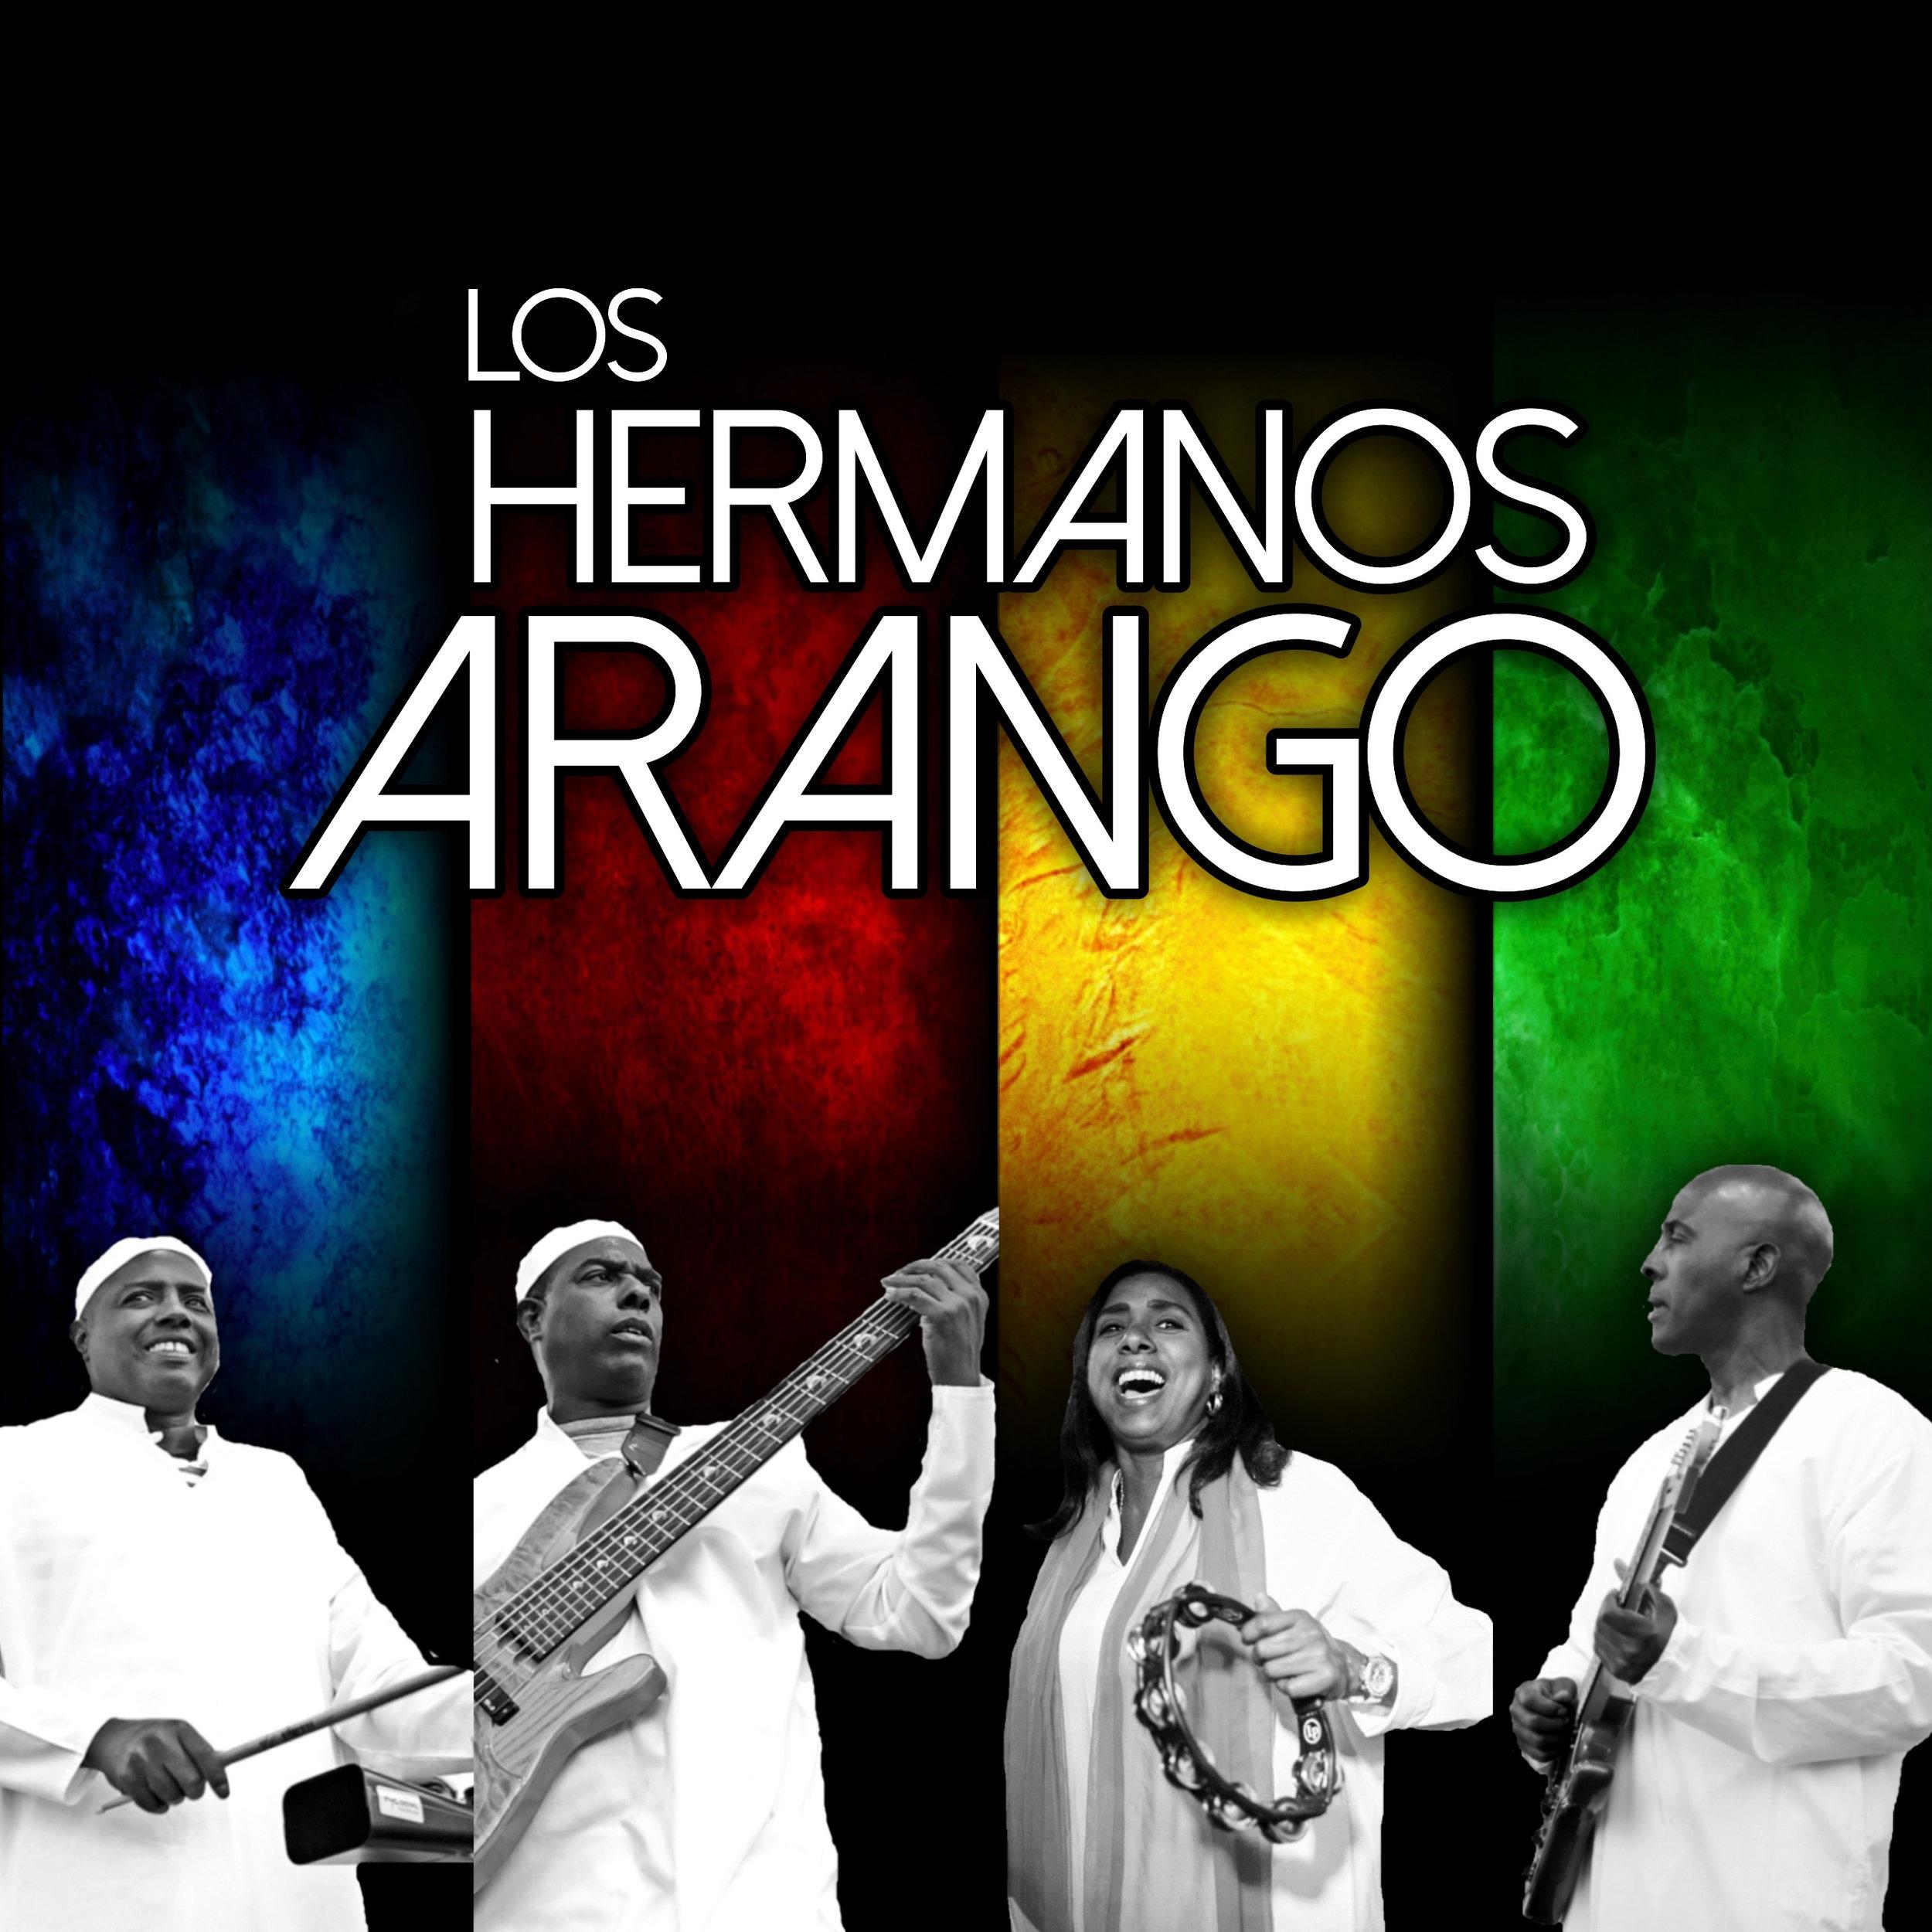 LOS HERMANOS ARANGO